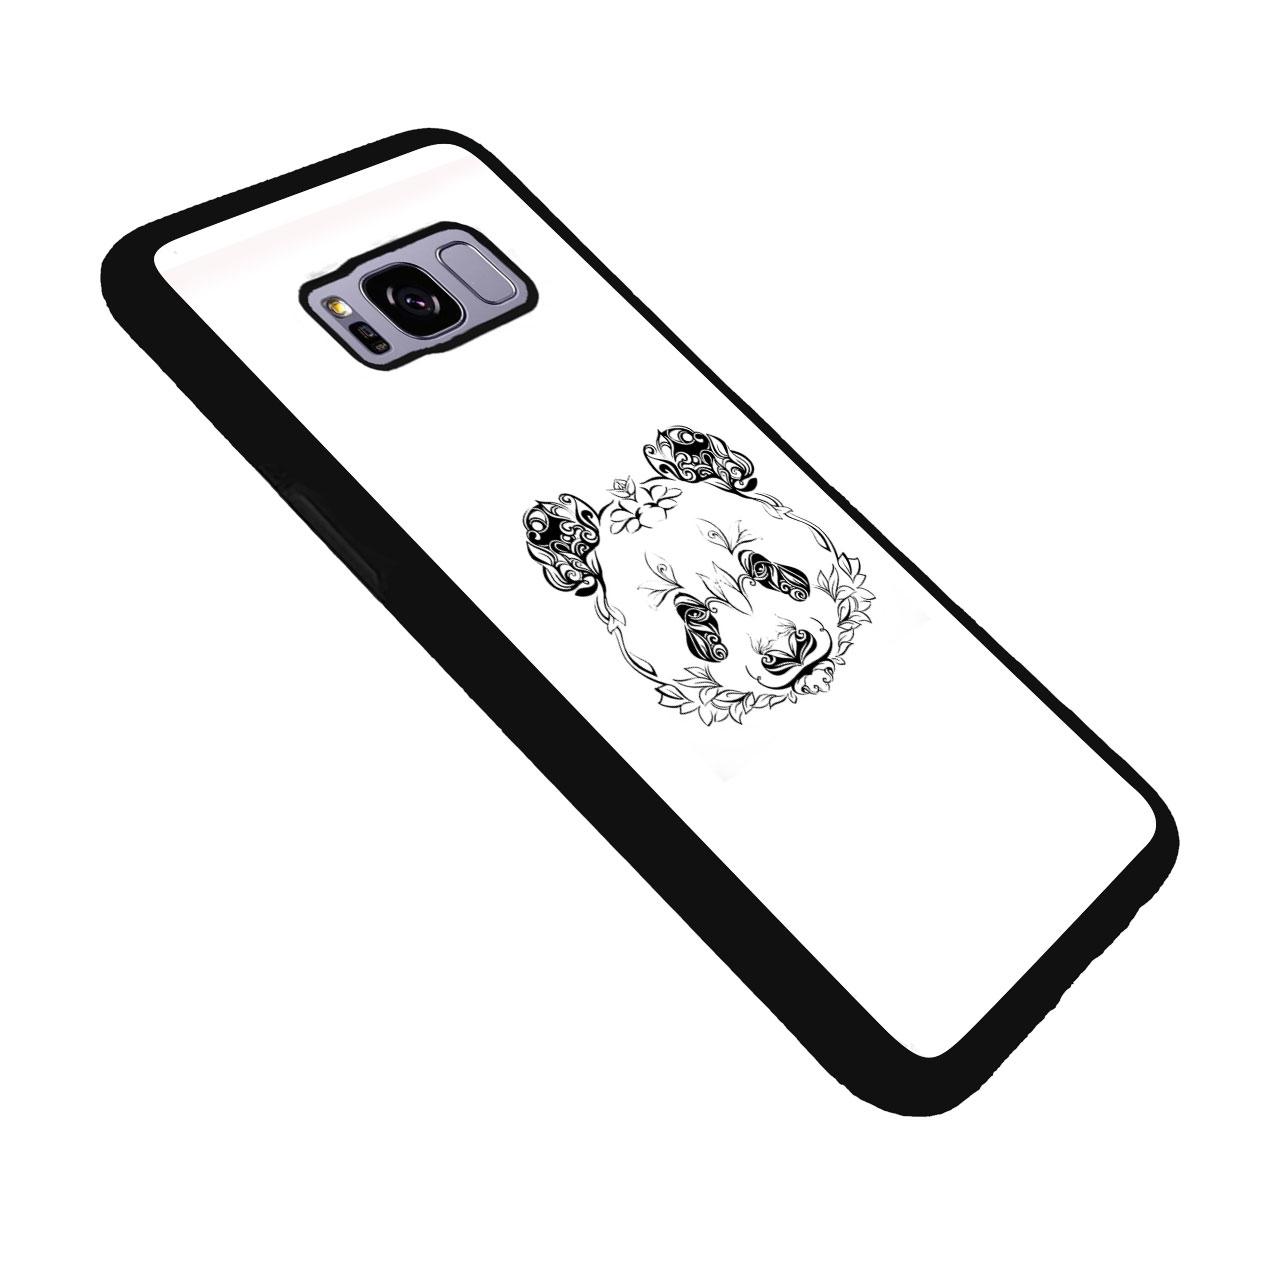 کاور زیزیپ مدل 132G - 2d مناسب برای گوشی موبایل سامسونگ galaxy s8